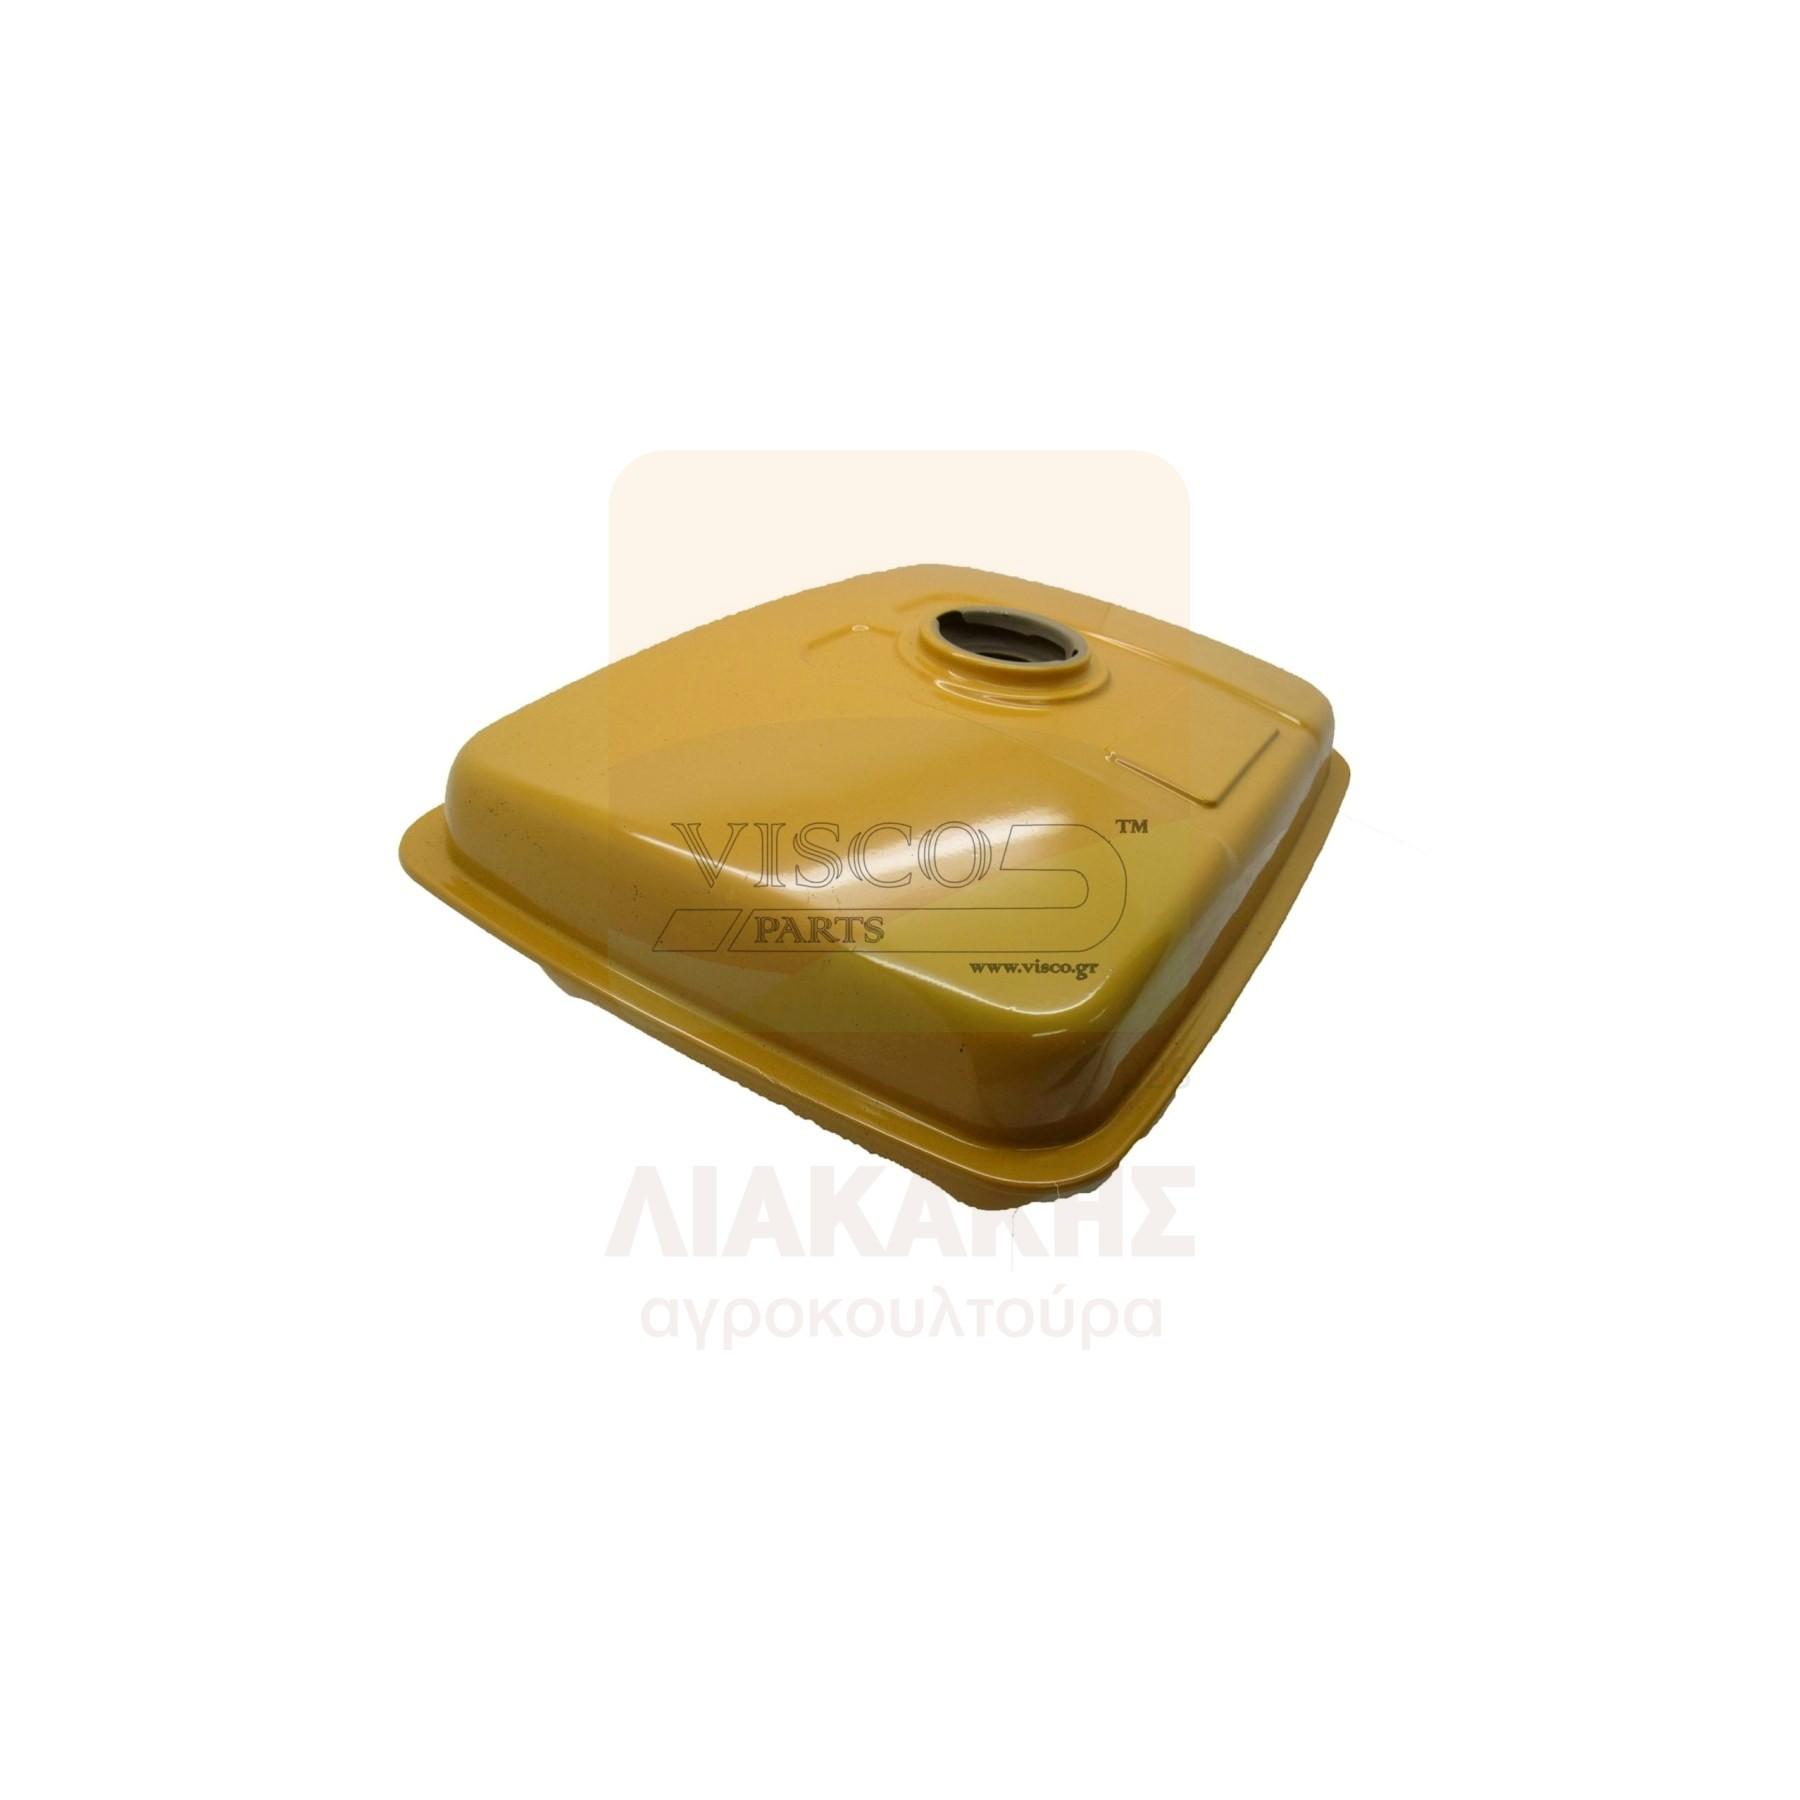 ΔΚΘ-006 Δοχείο Καυσίμου Κινητήρων ROBIN ΕΥ 20 5.0 HP